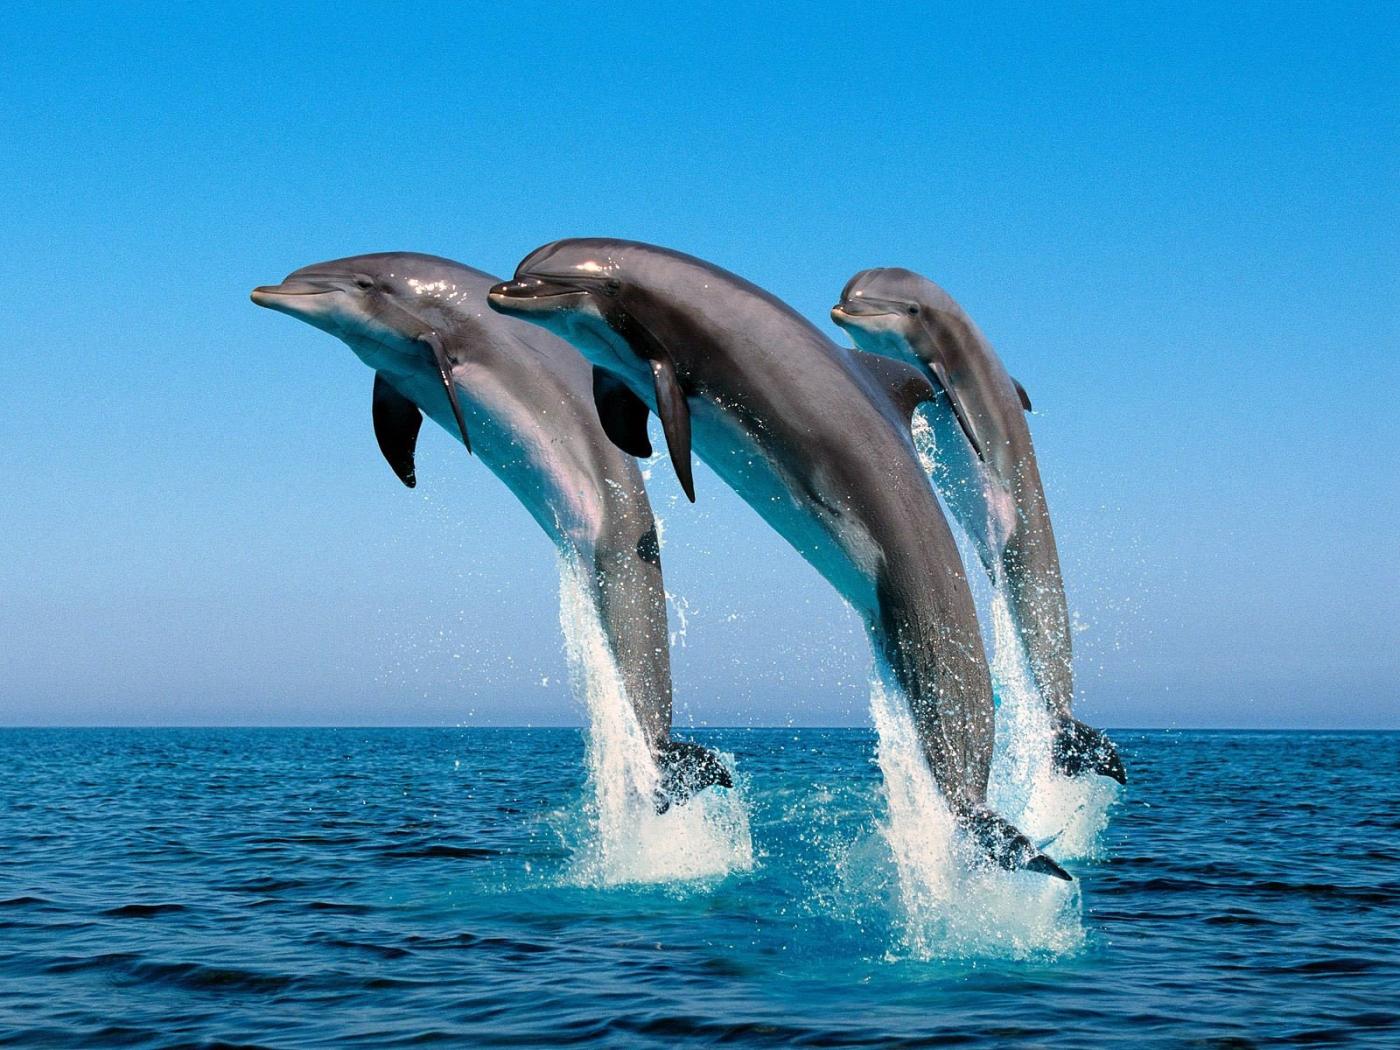 34389 Hintergrundbild herunterladen Delfine, Tiere - Bildschirmschoner und Bilder kostenlos